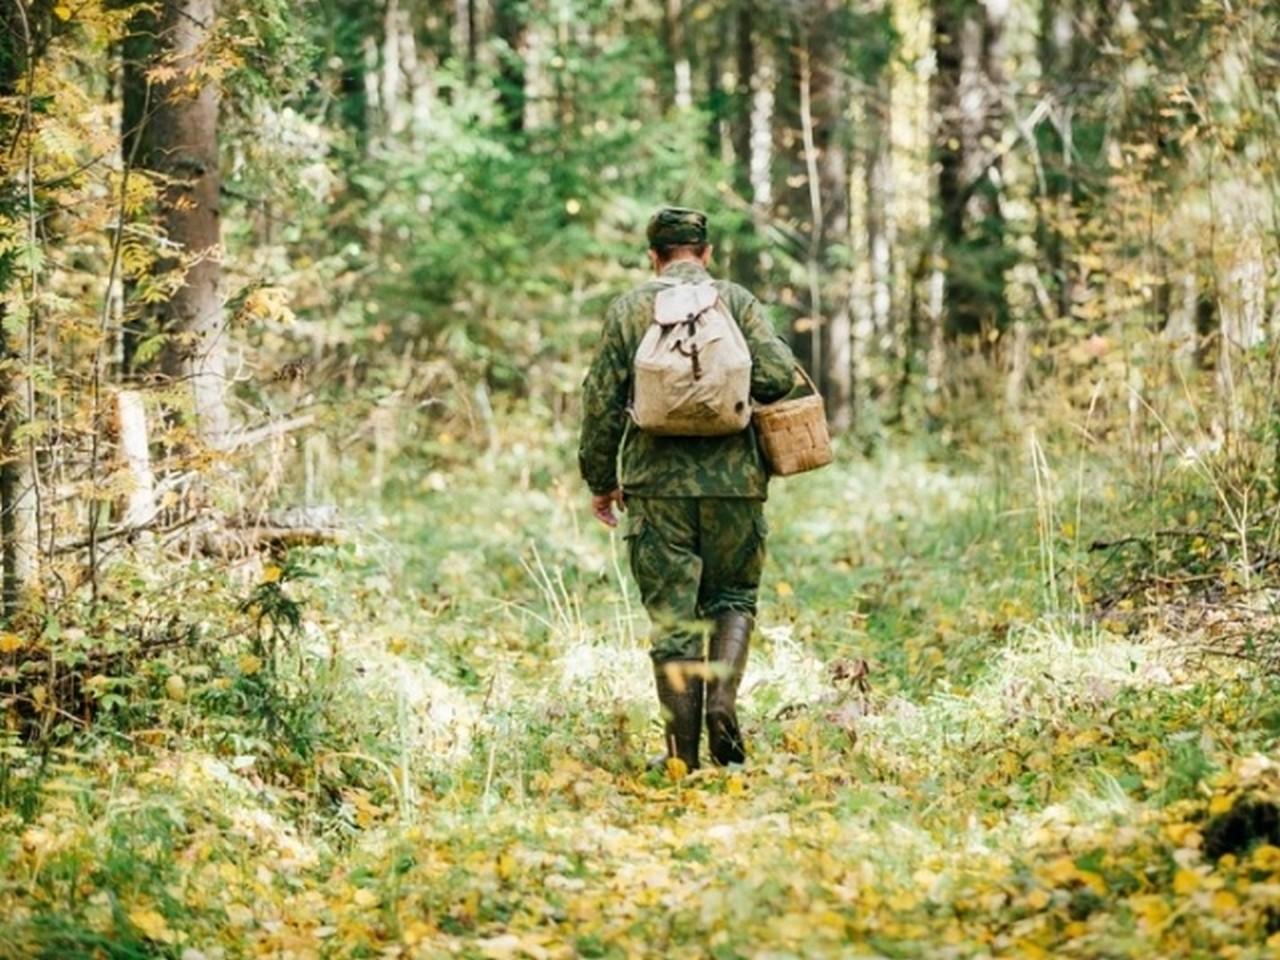 Чоловік із села Кошелево, що на Хустщині, пішов по гриби в Іршавський район і заблукав у лісі